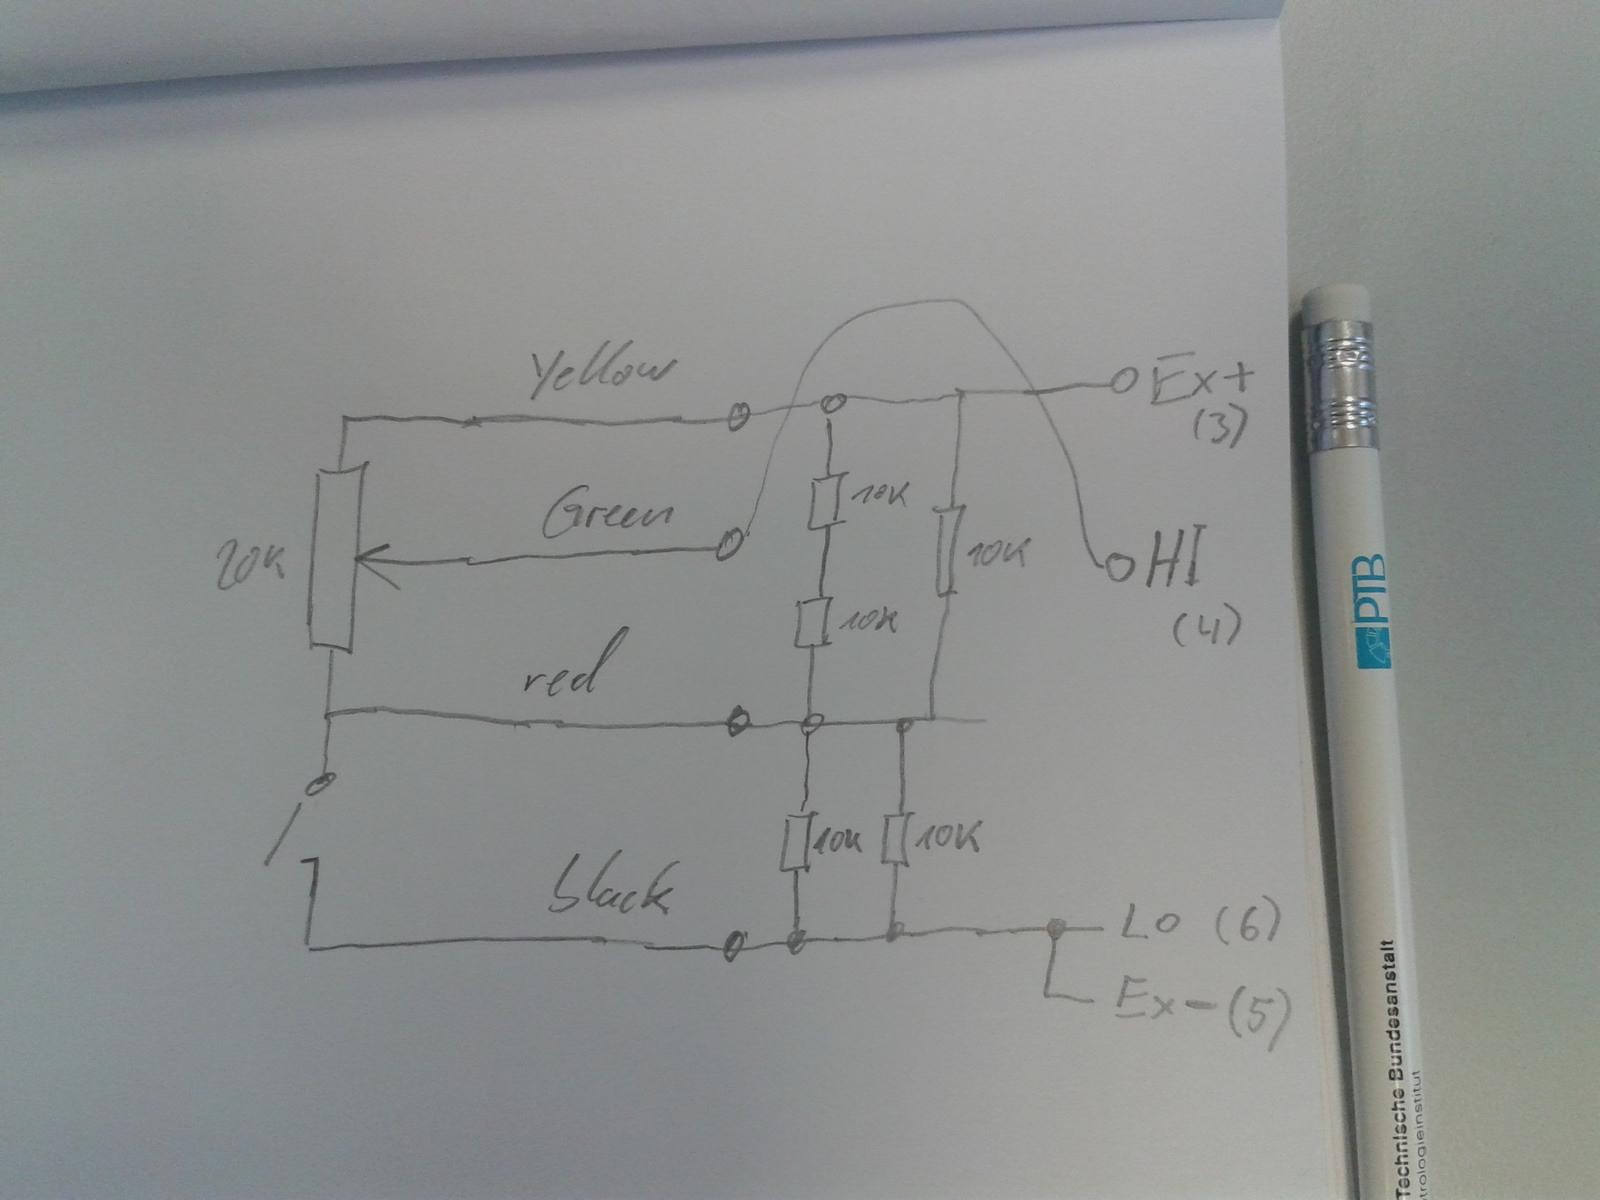 Wiring Anemometer To Ni 9219 Or Similar